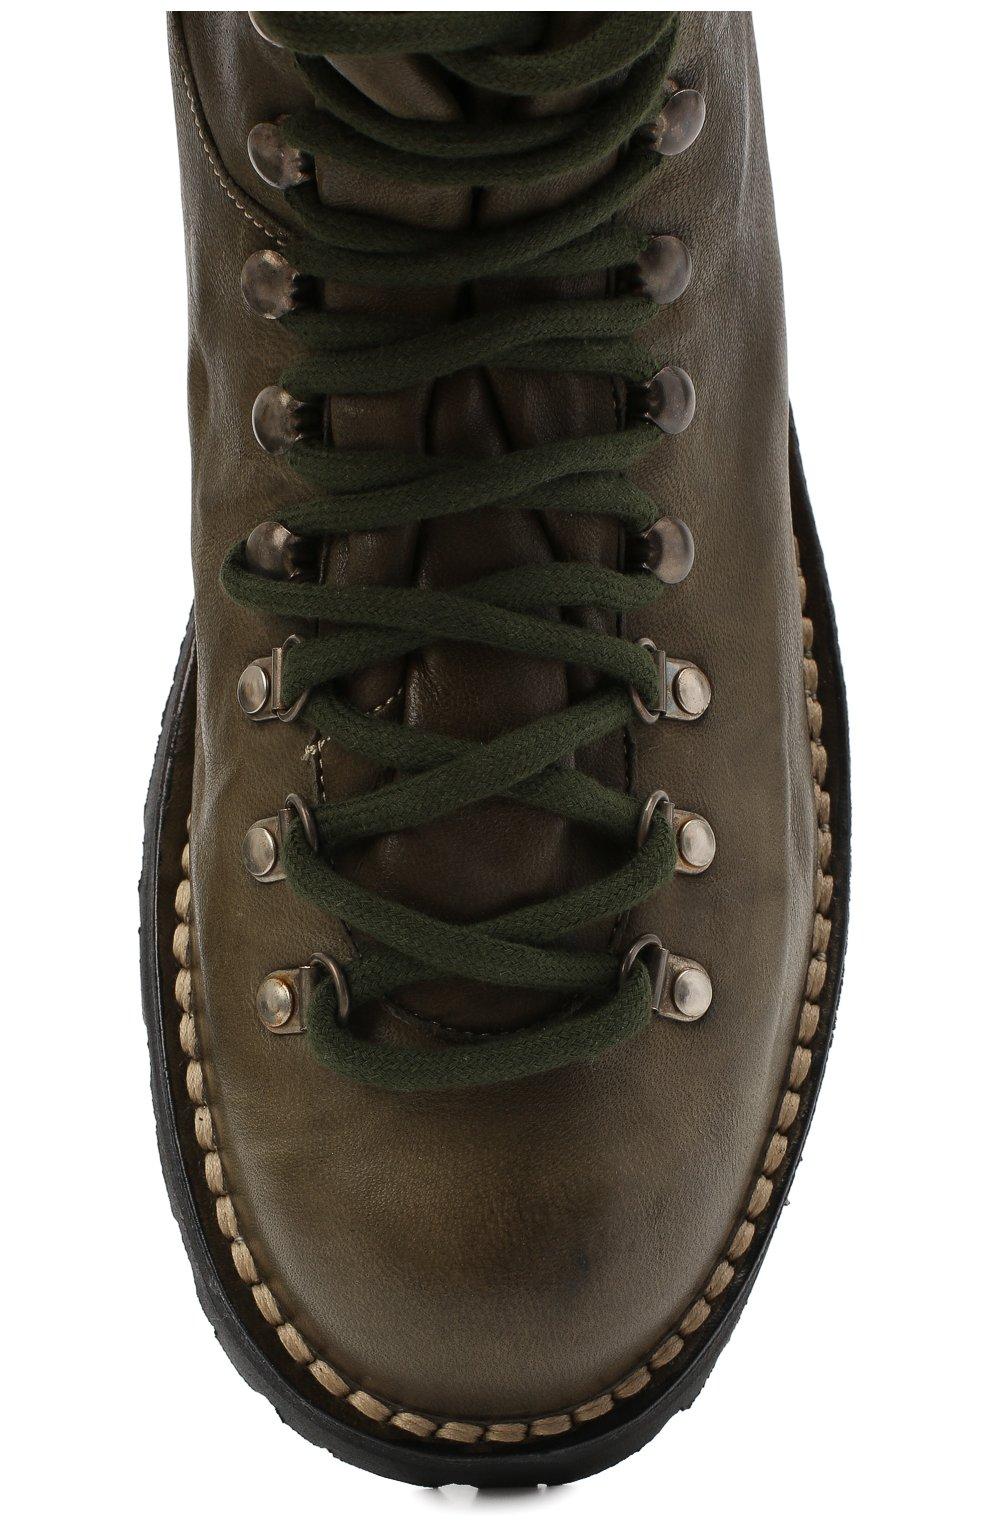 Мужские кожаные ботинки ANDREA VENTURA FIRENZE зеленого цвета, арт. LE APUANE 1/IGNIS WASH/VIBRAM ARCTIC GRIP | Фото 5 (Материал внешний: Кожа; Мужское Кросс-КТ: Хайкеры-обувь, Ботинки-обувь; Материал внутренний: Натуральная кожа; Подошва: Плоская)